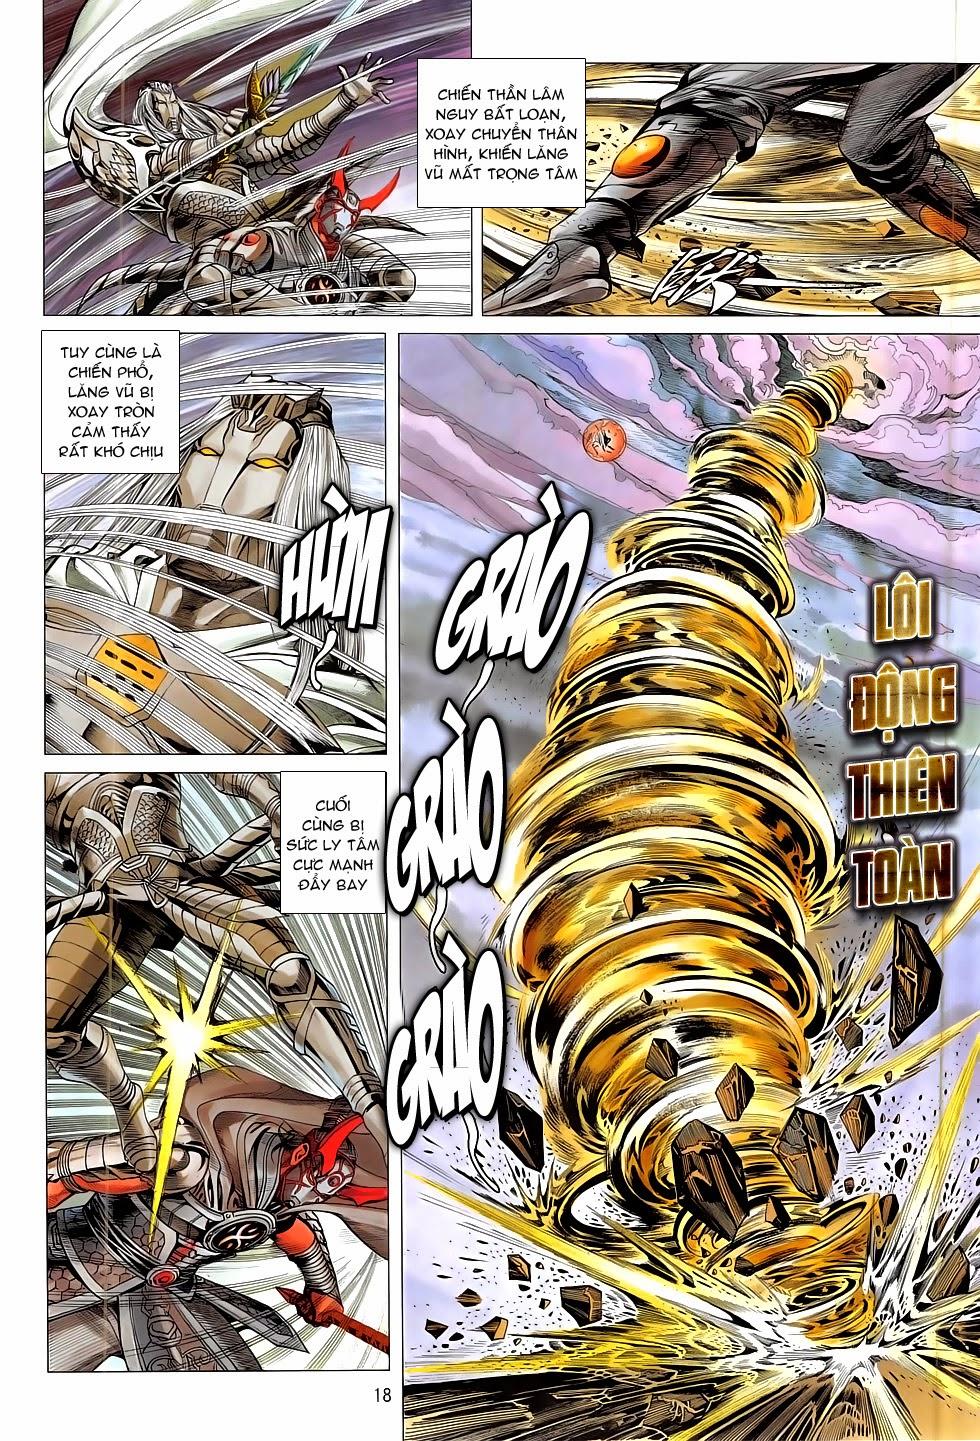 Chiến Phổ chapter 10: chấn tích lịch trang 18